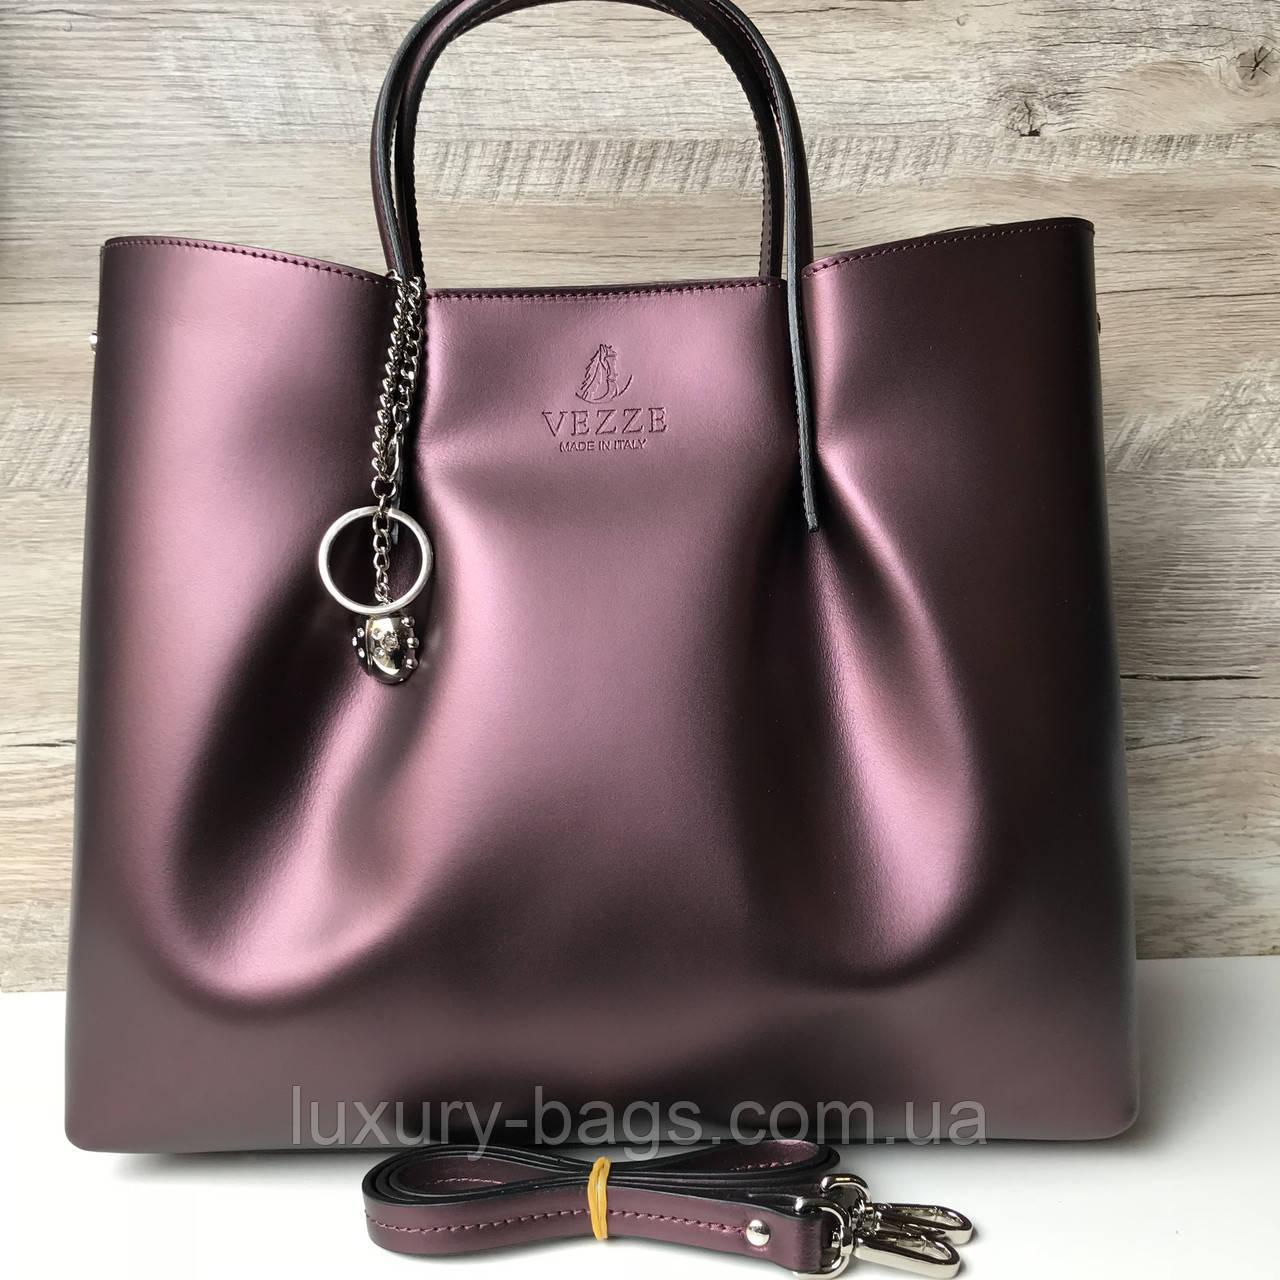 0e1709e22d5f кожаная итальянская сумка Vezze цена 1 830 грн купить в одессе